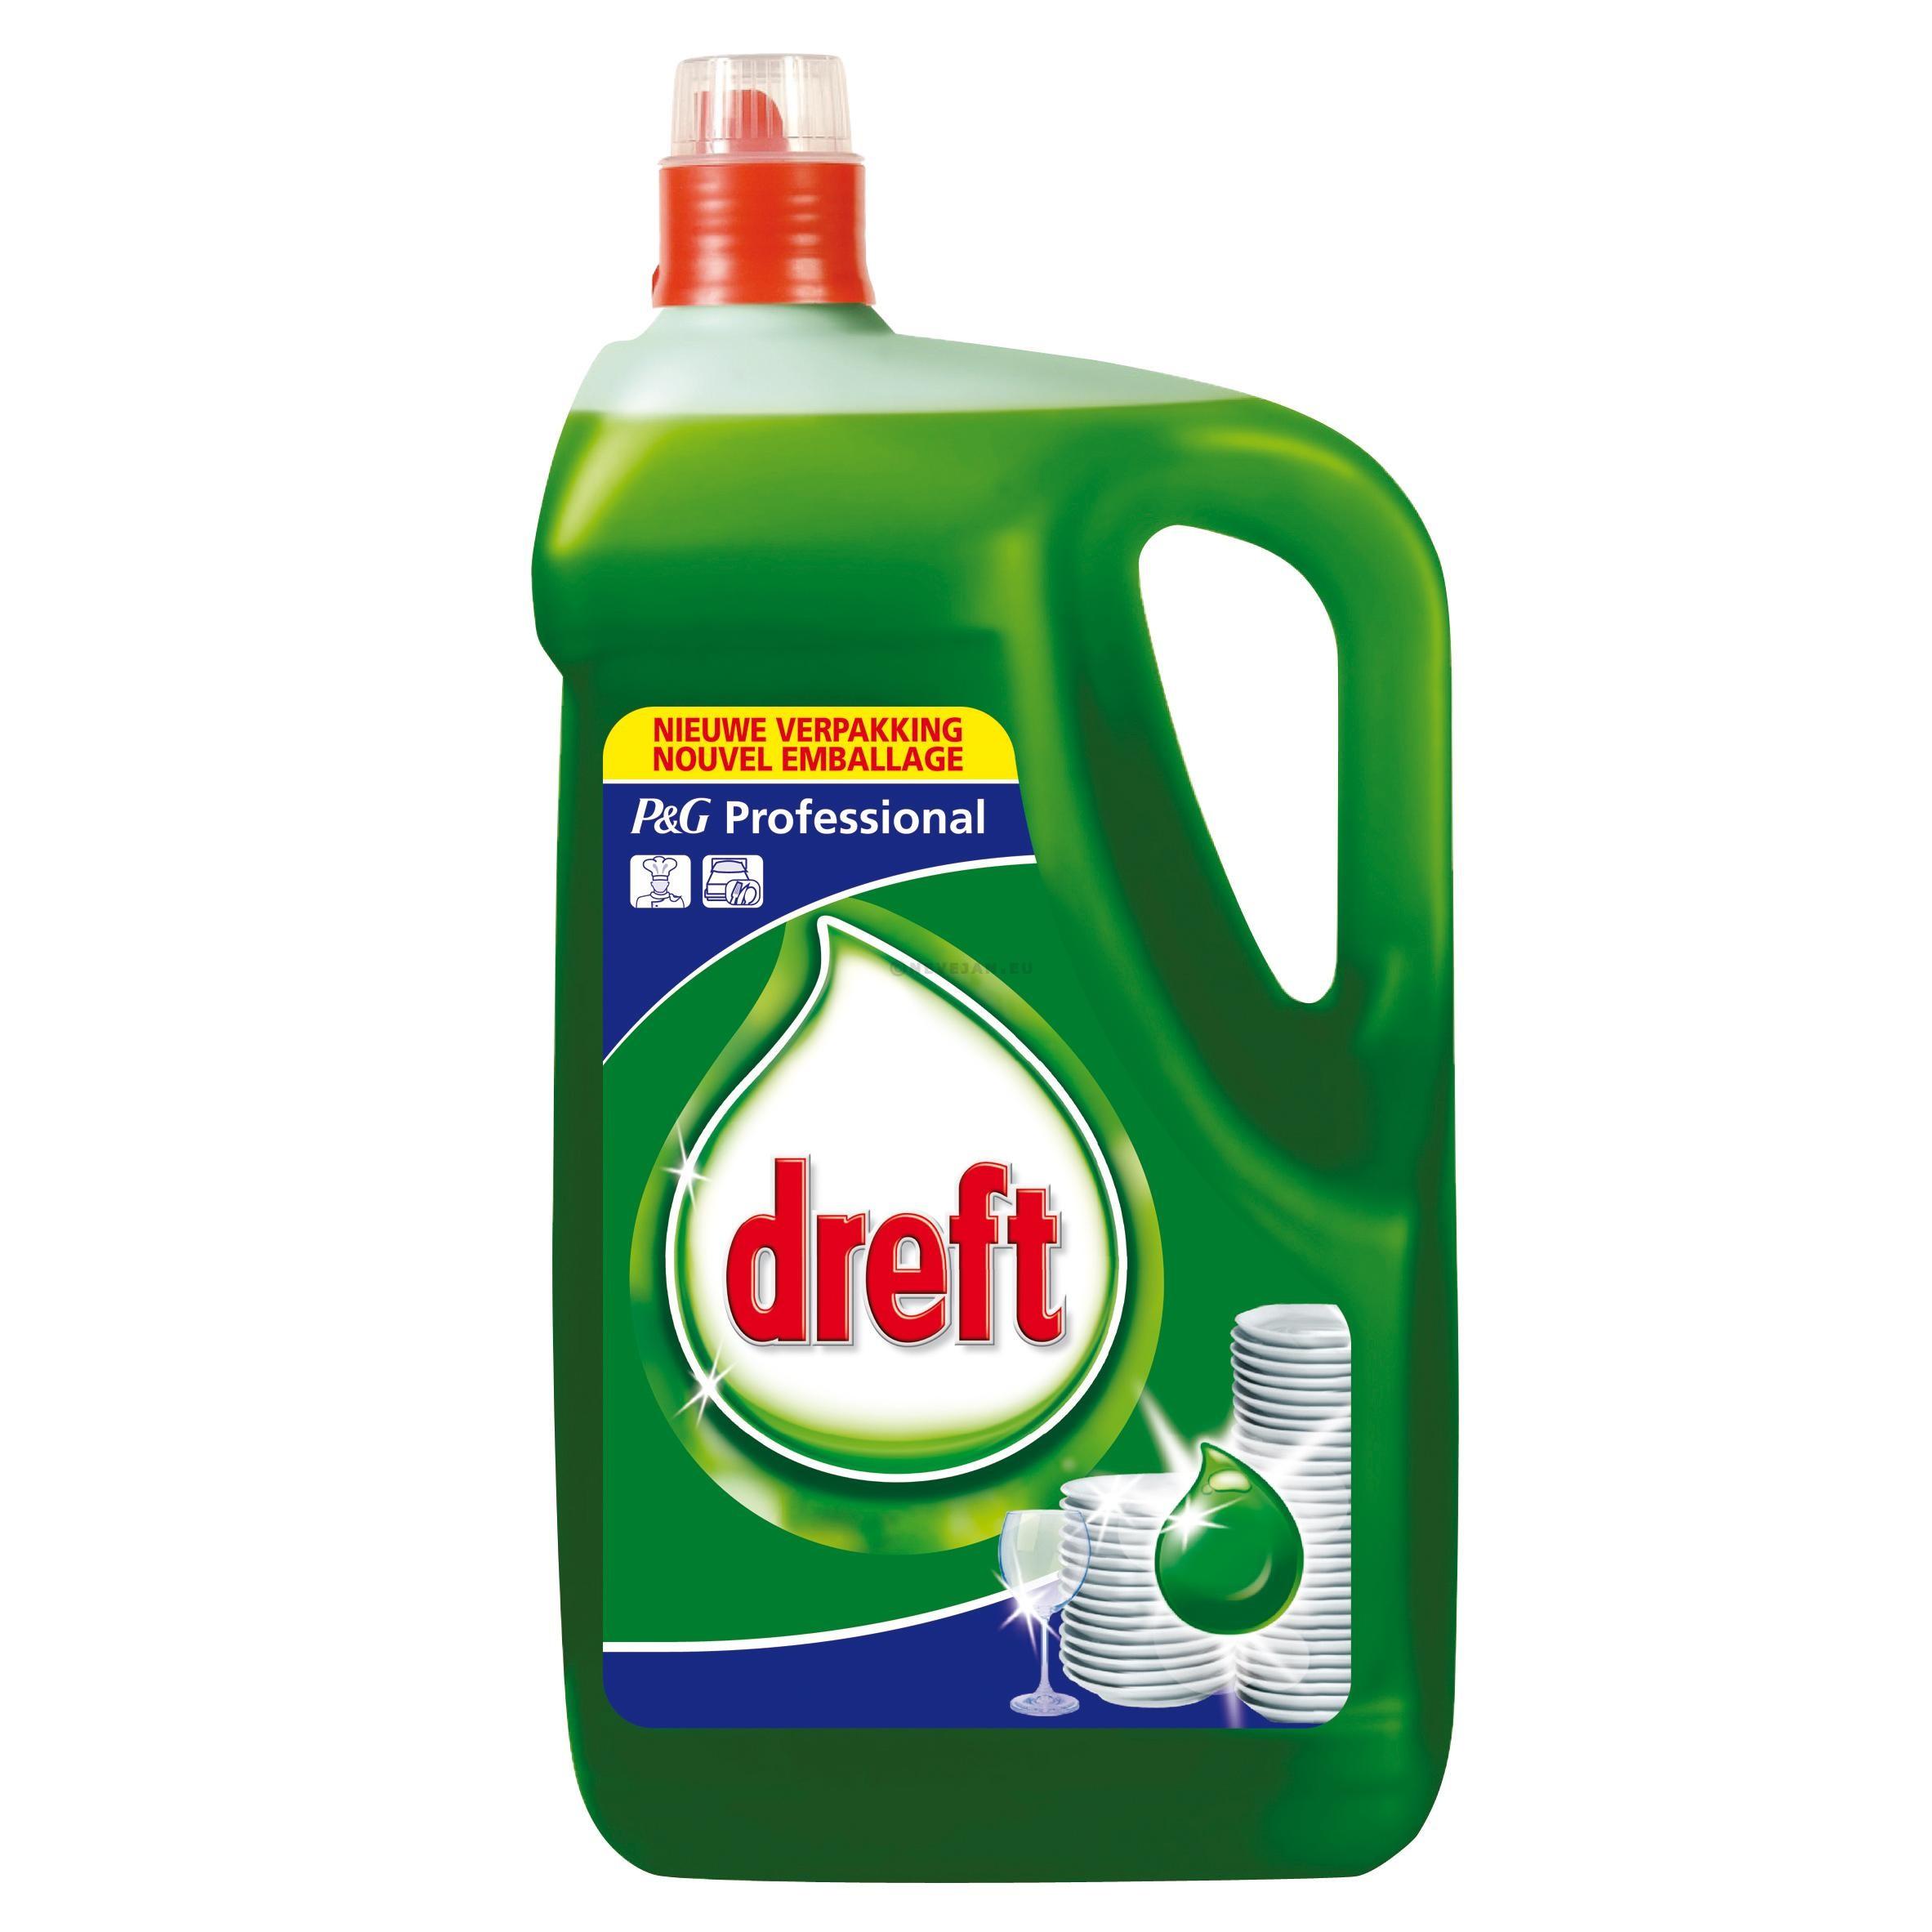 Dreft detergent vaisselle manuelle 5L P&G Professional